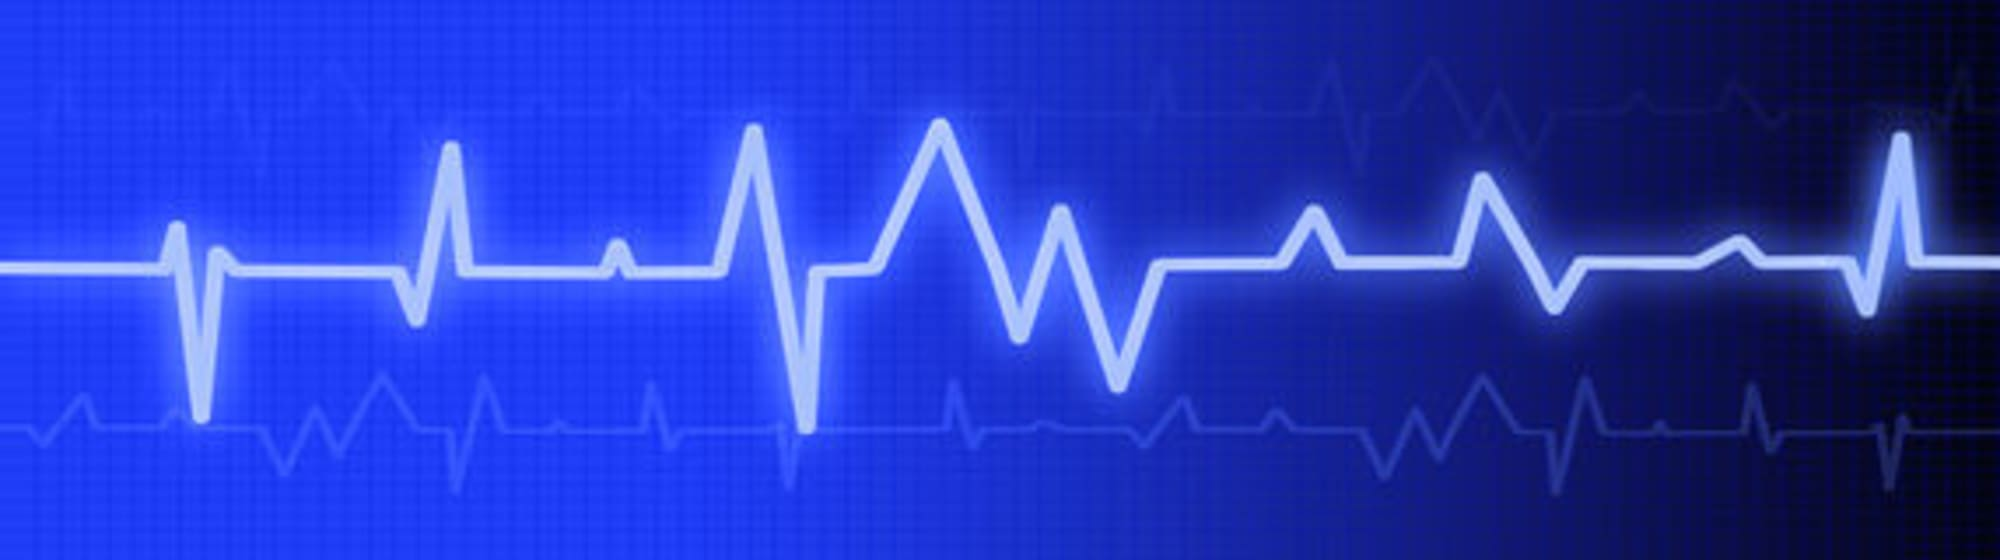 heartbeat-monitor-37619927-w2000.jpg